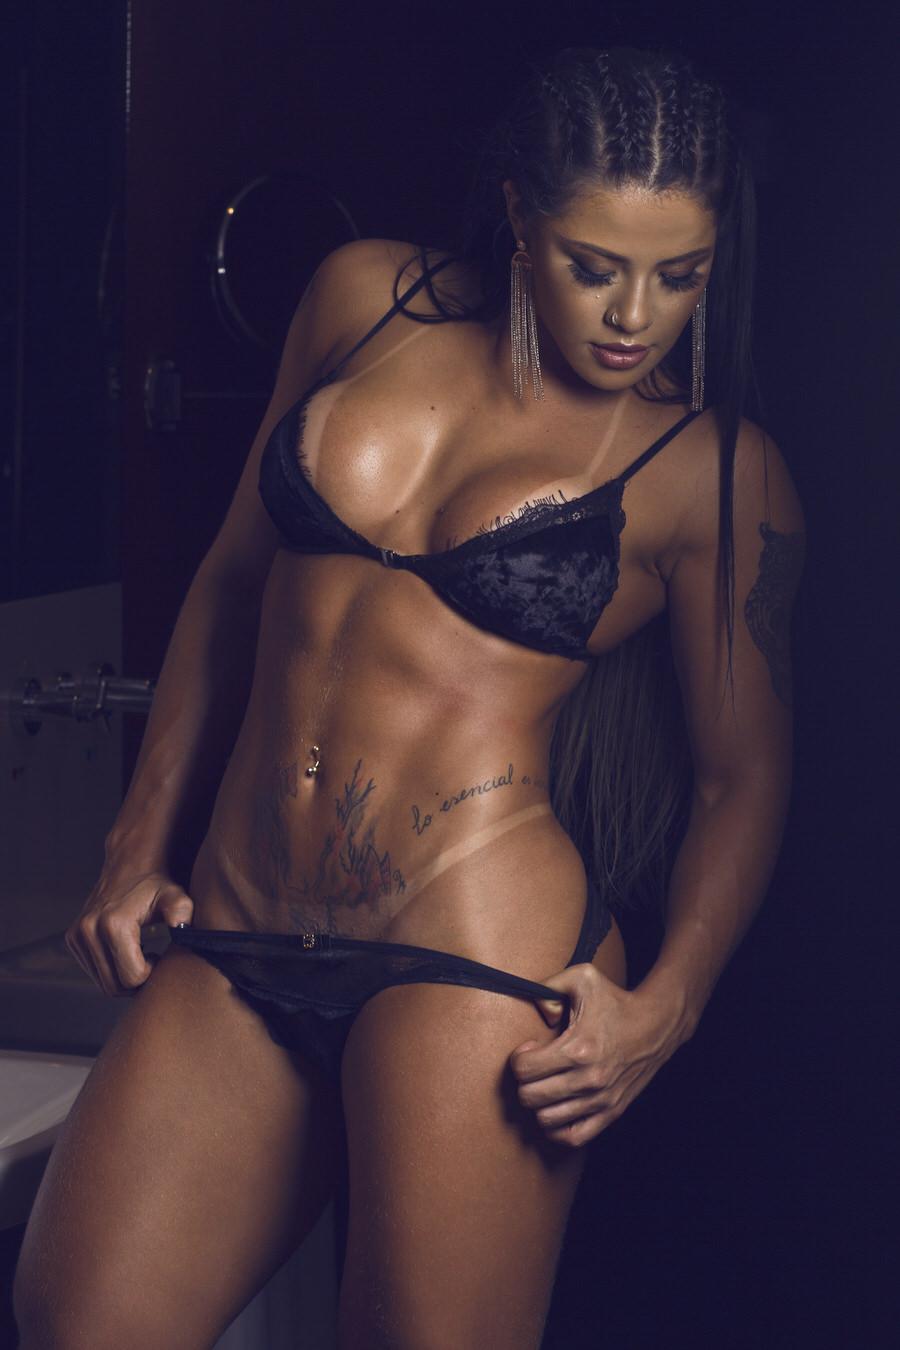 Yasmin Castrillon 'Índia Fitness' rebate o mito de que malhar tira o apetite sexual. VEJA FOTOS